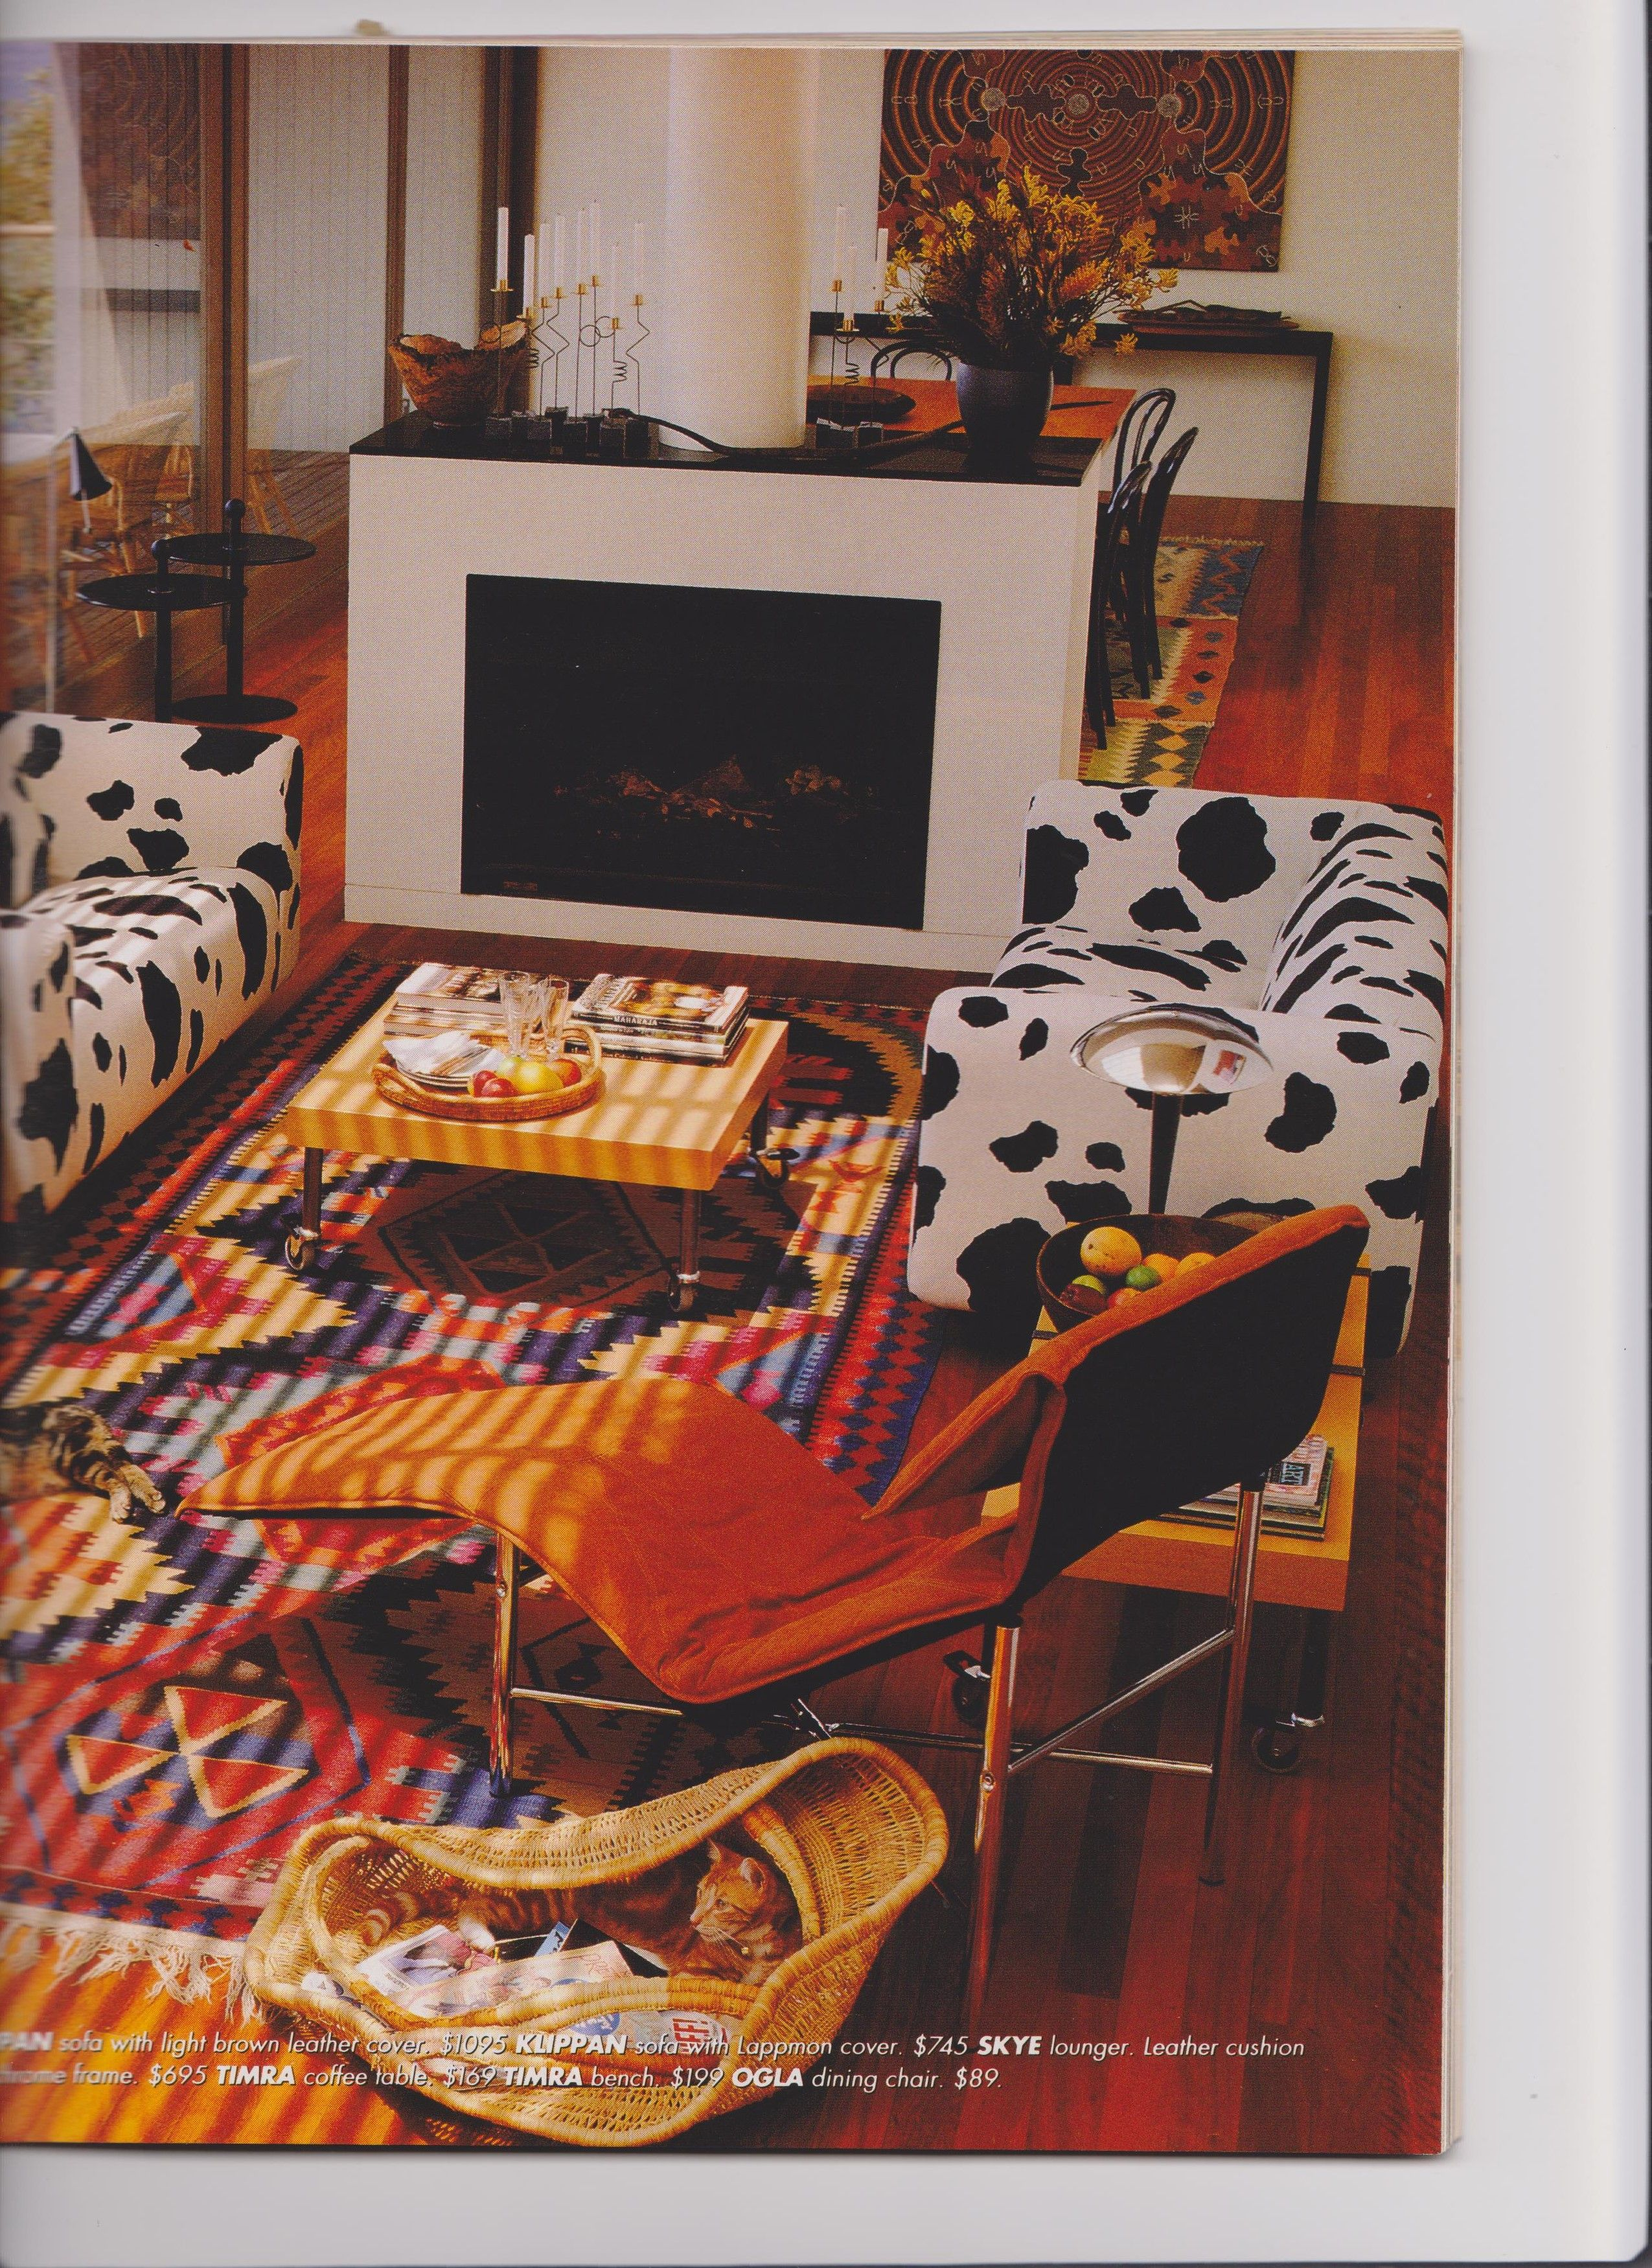 Two IKEA Klippan sofas with Lappman covers Sofas